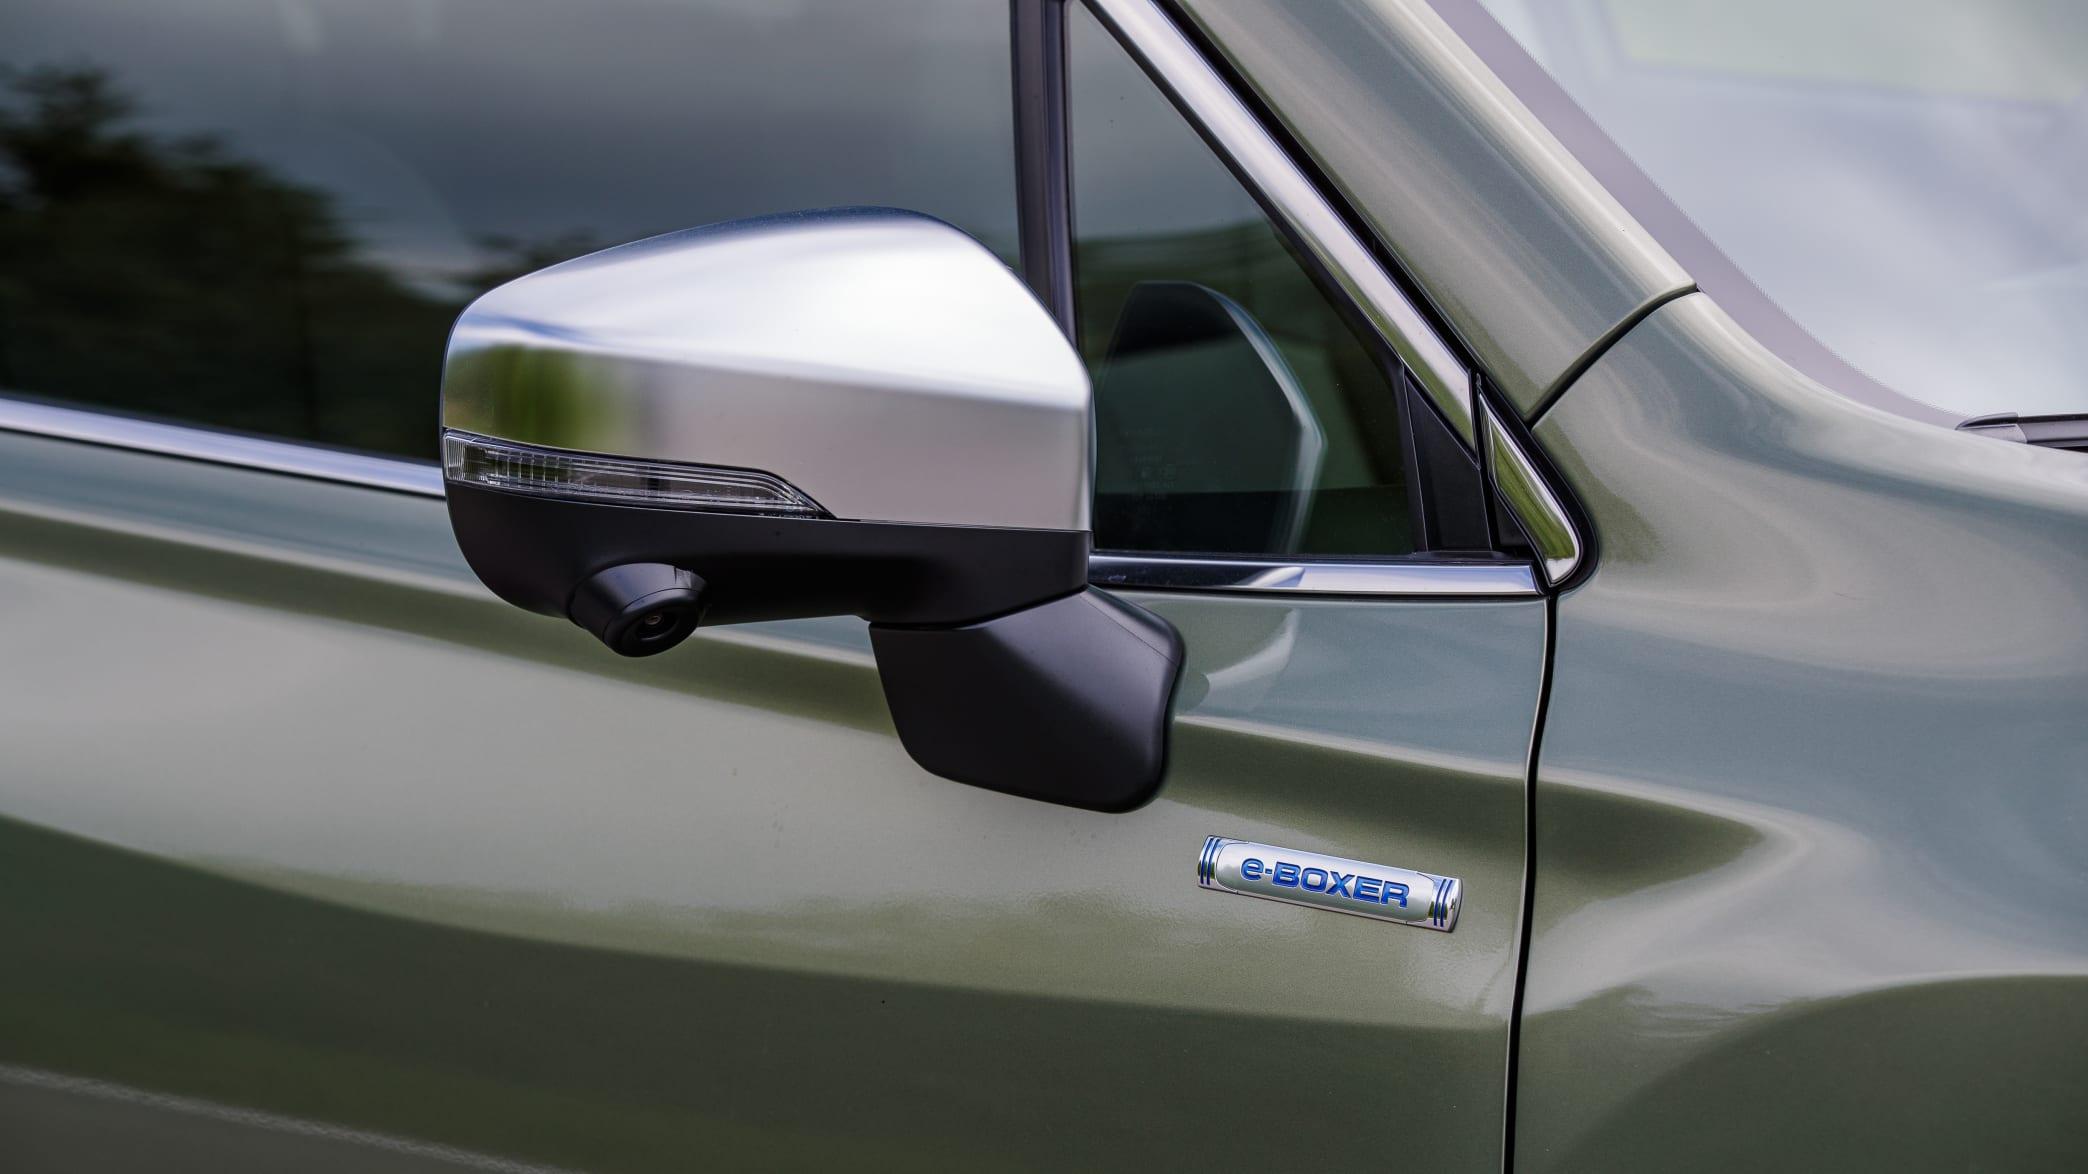 der Seitenspiegel mit Kamera des Subaru Forester